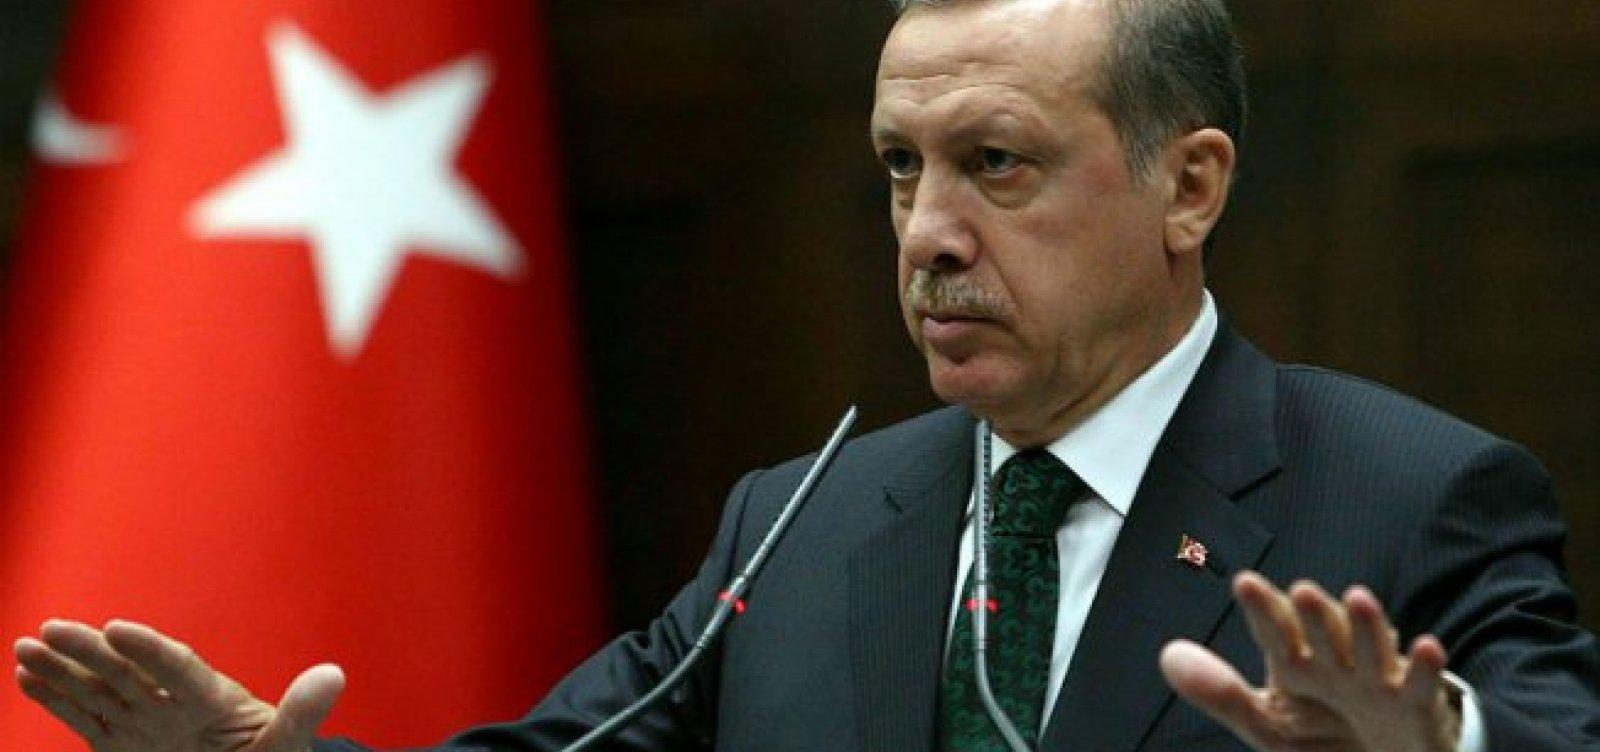 [Ordem para matar jornalista saudita veio 'dos mais altos níveis', diz presidente da Turquia]